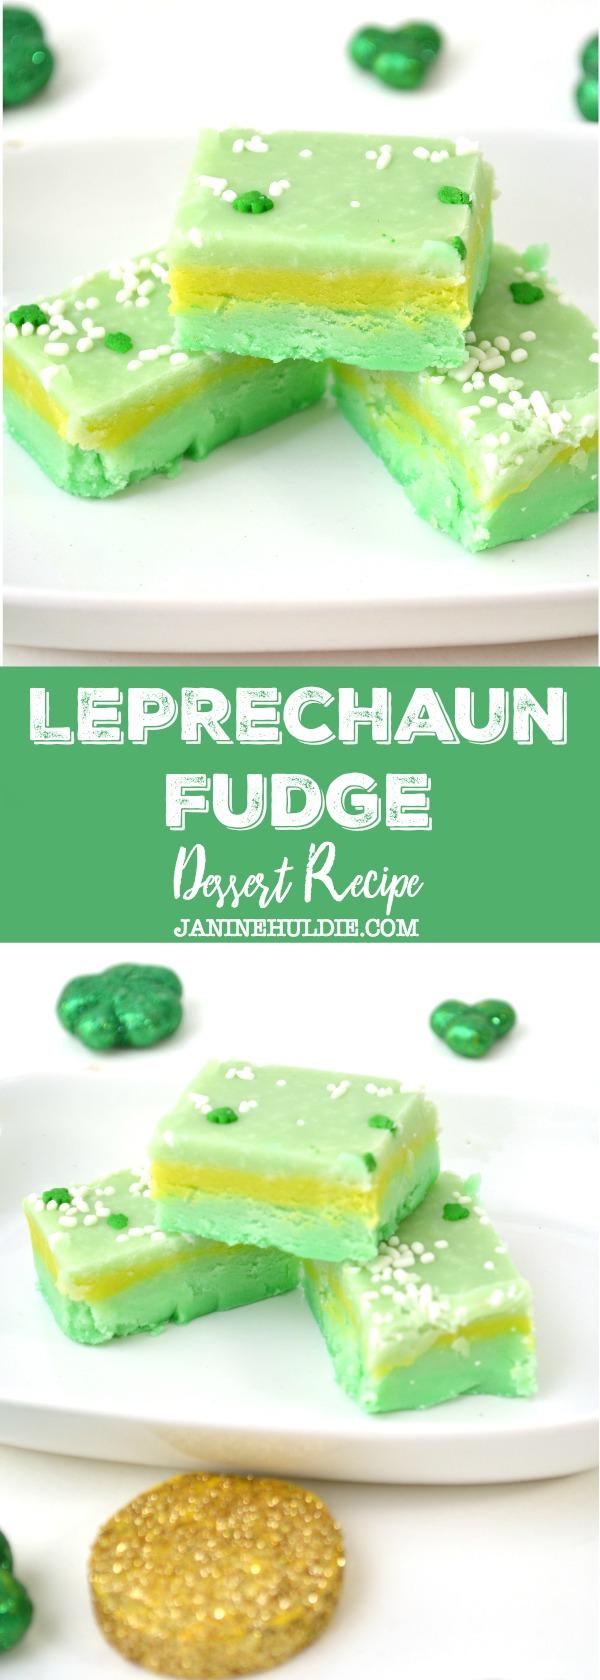 Leprechaun Fudge Dessert Recipe